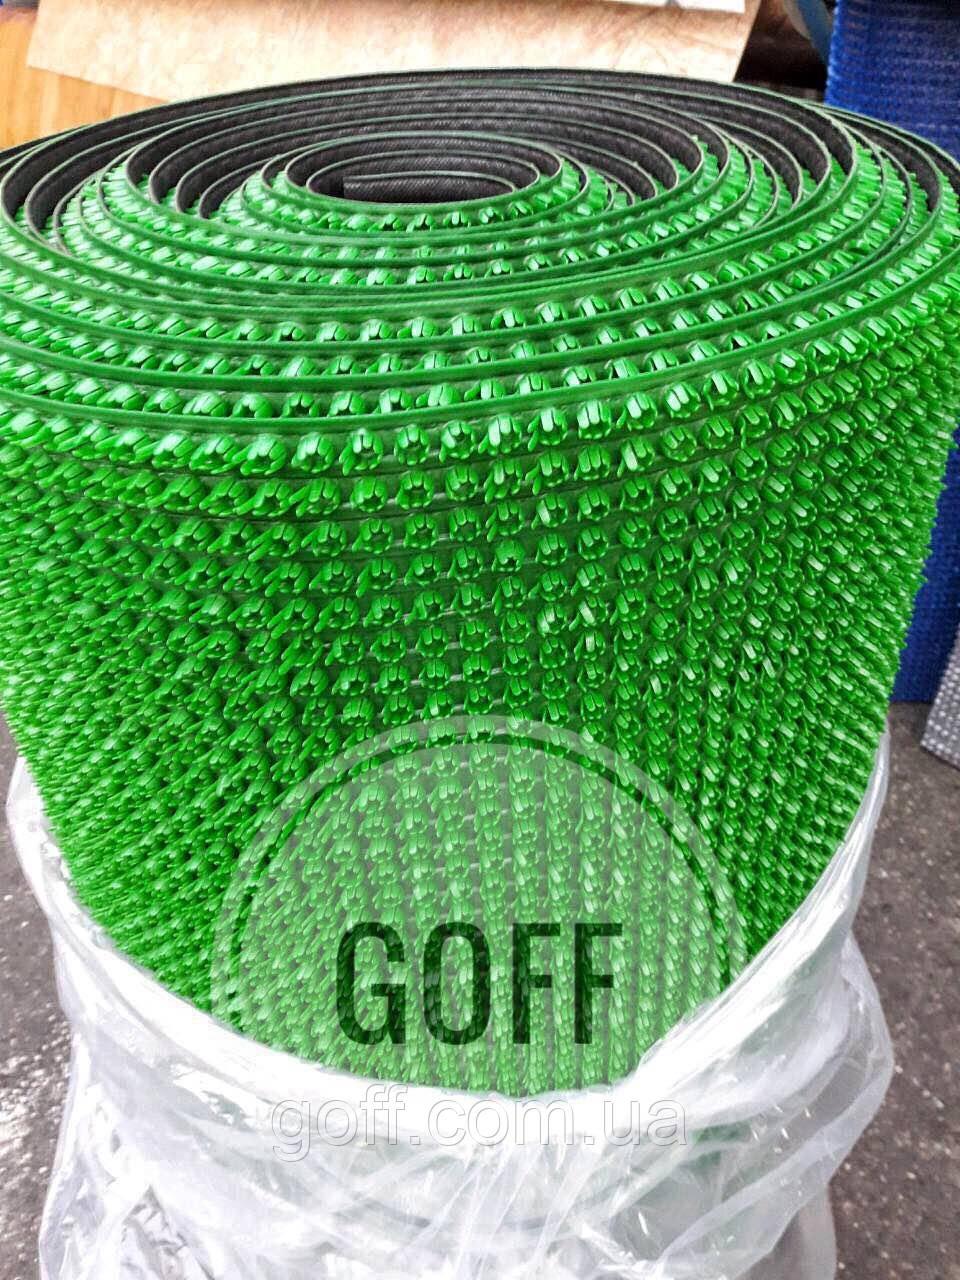 Грязезащитное покрытие - щетинистое покрытие - св.зеленое